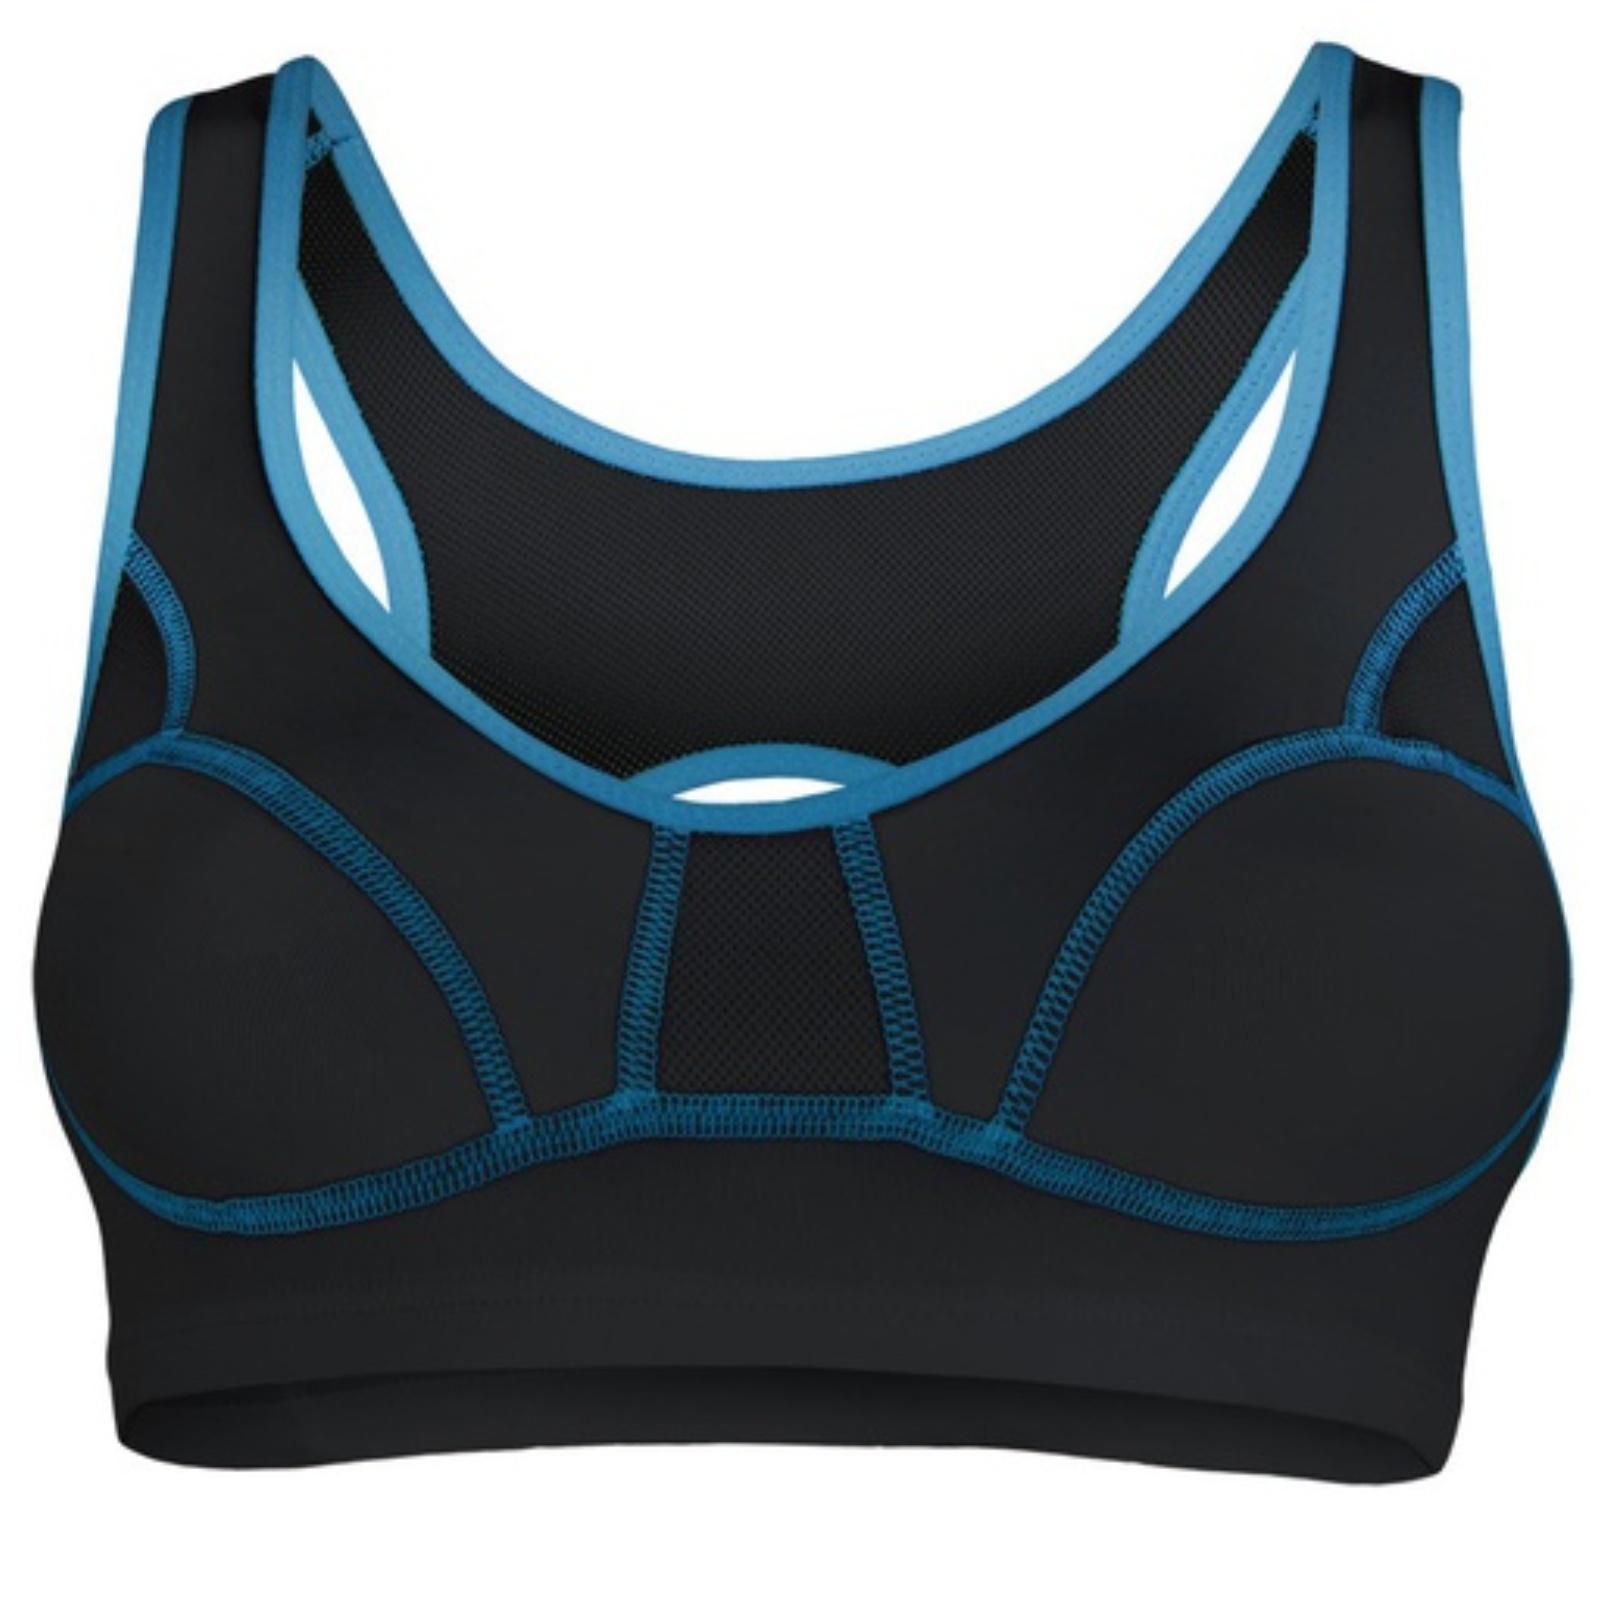 Sportovní podprsenka SENSOR Lissa černo-modrá vel. 75C